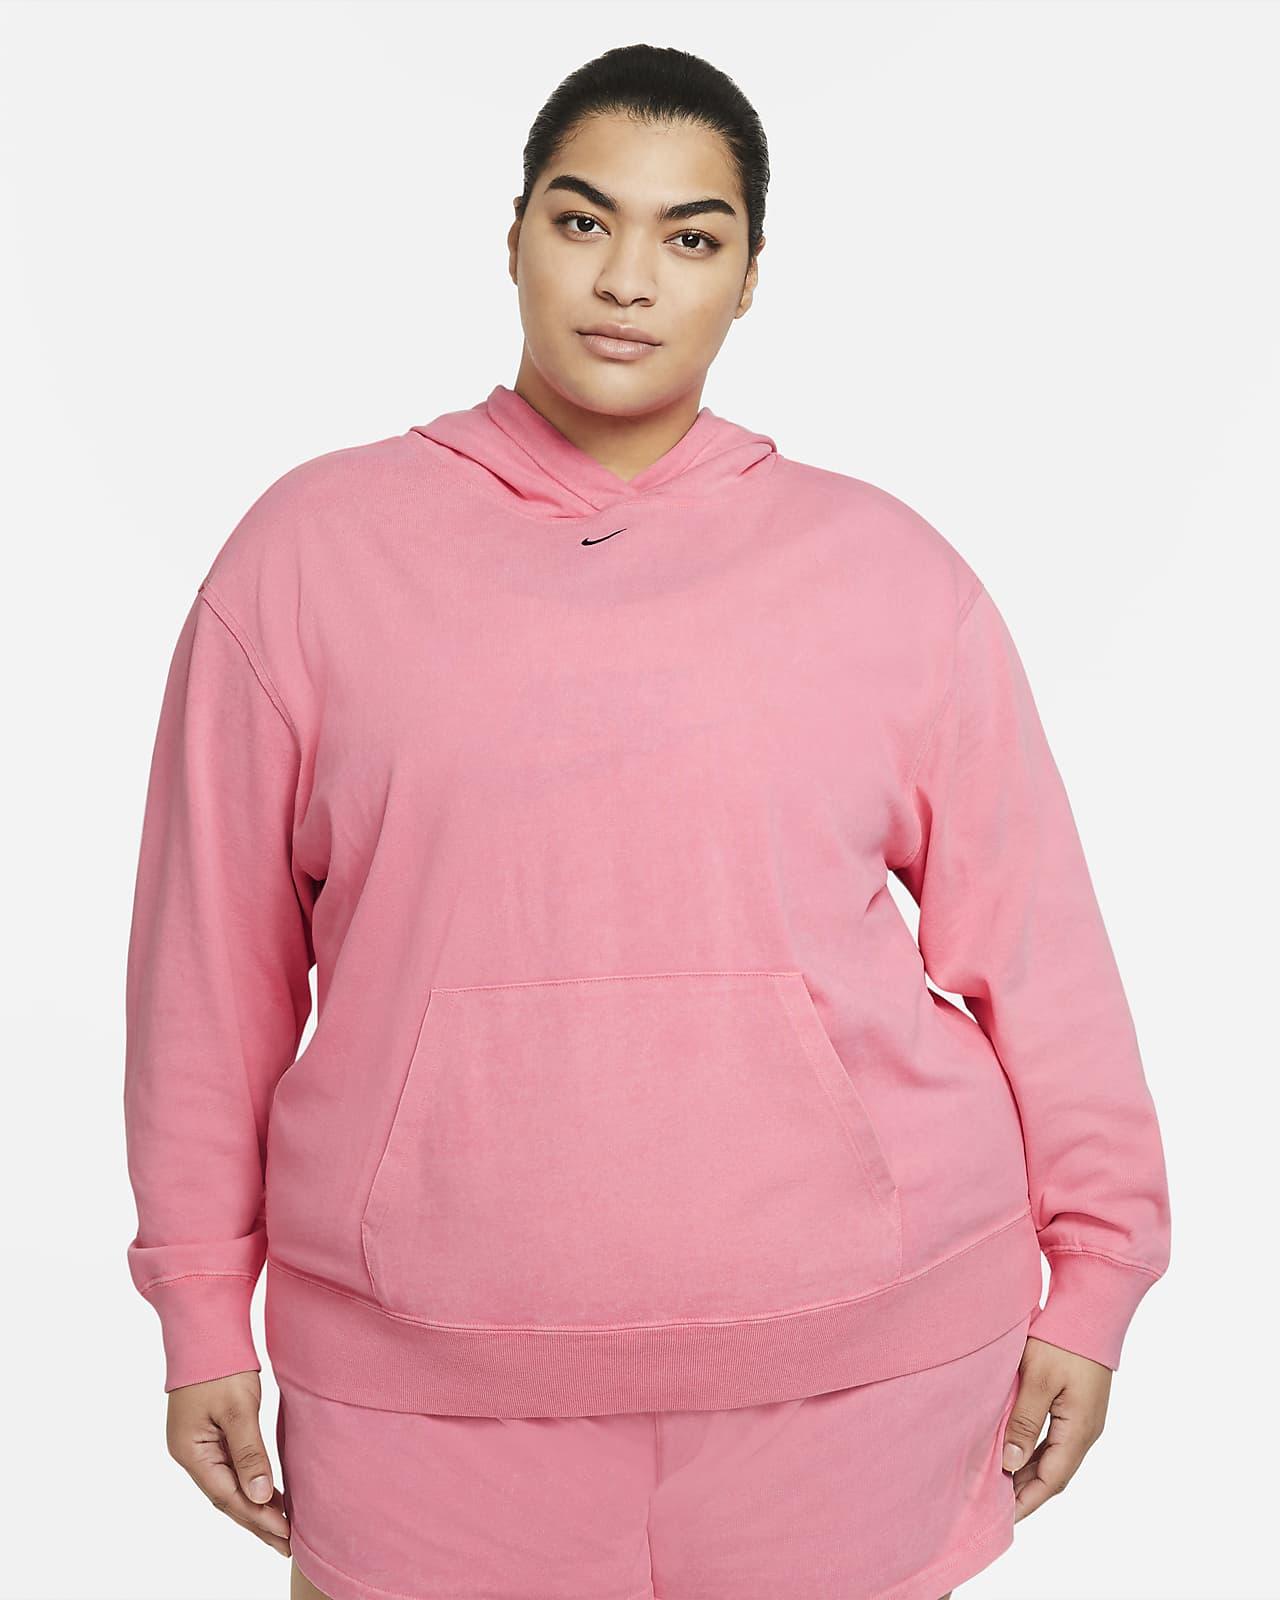 Damska bluza z kapturem z efektem sprania Nike Sportswear (duże rozmiary)